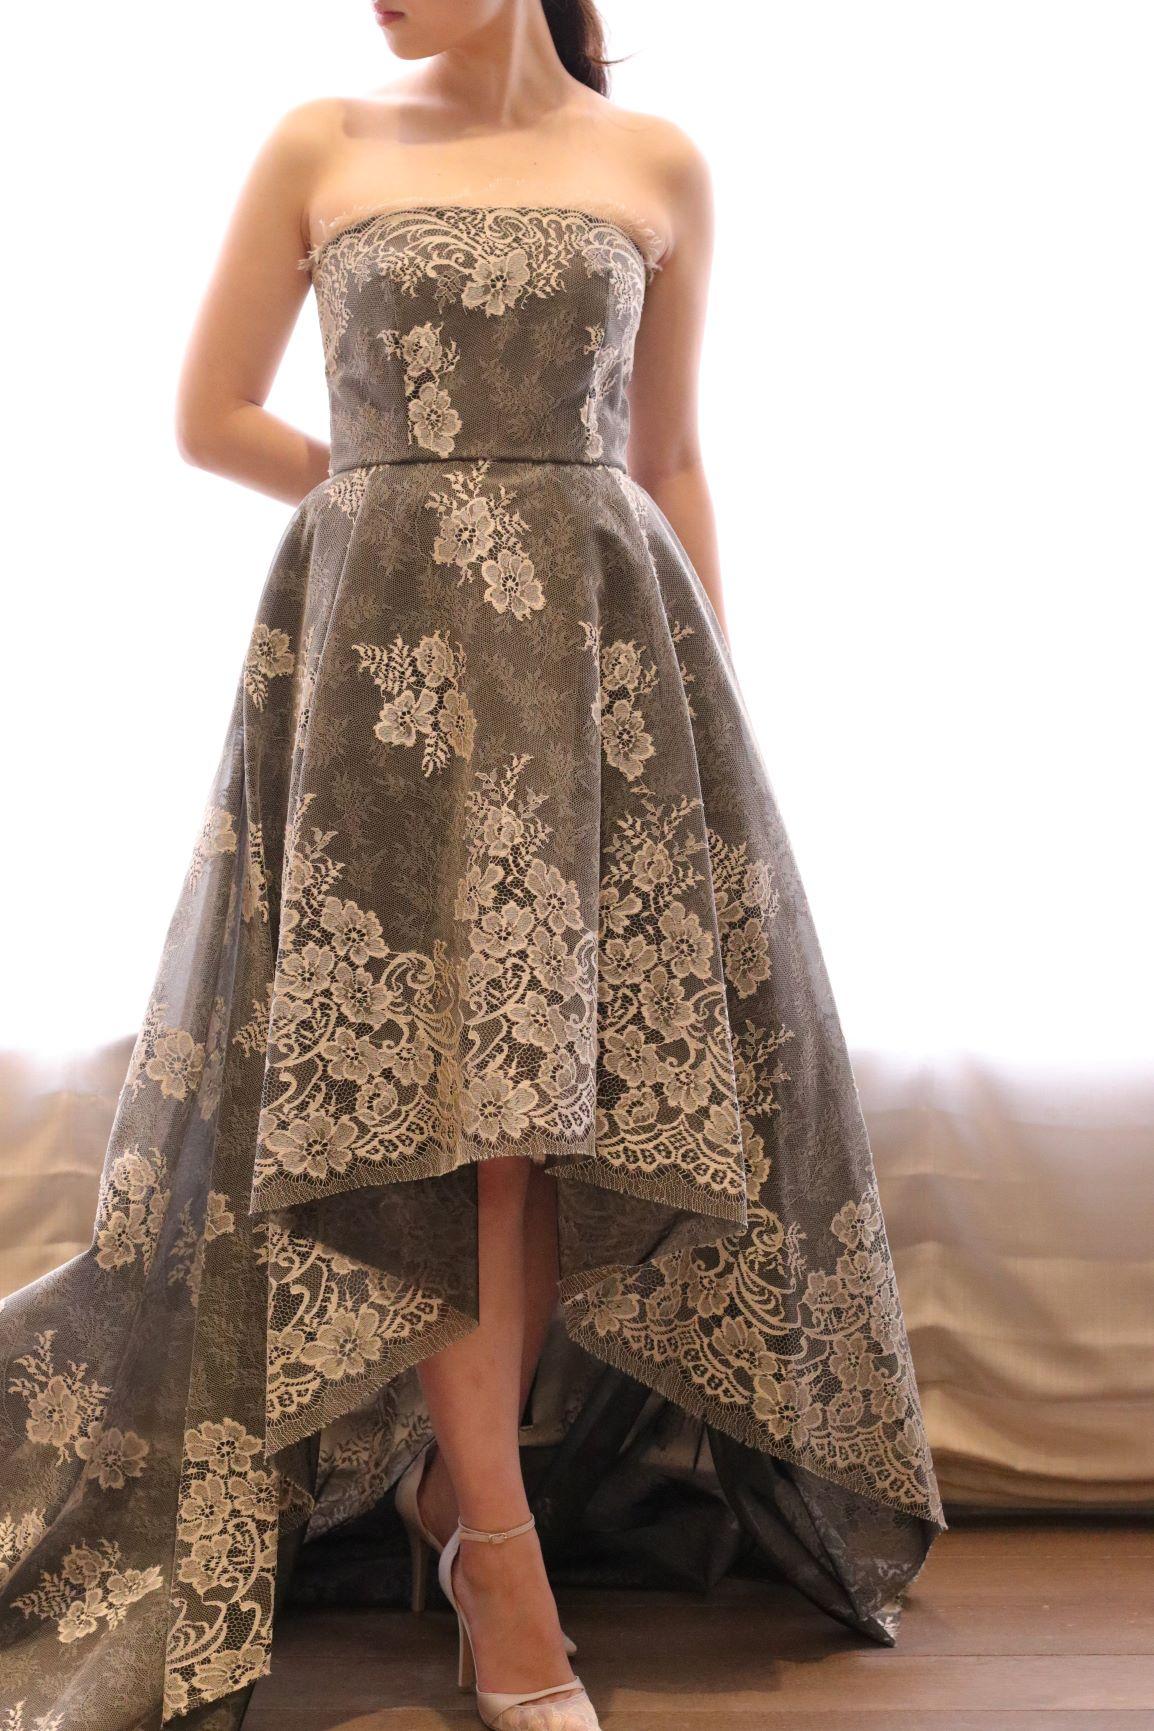 モニーク・ルイリエのミモレ丈カラードレスは、歩くたびに華奢な足首を見せることができるので、お体をより細くよりスタイル良く綺麗に見せたい花嫁様におすすめです